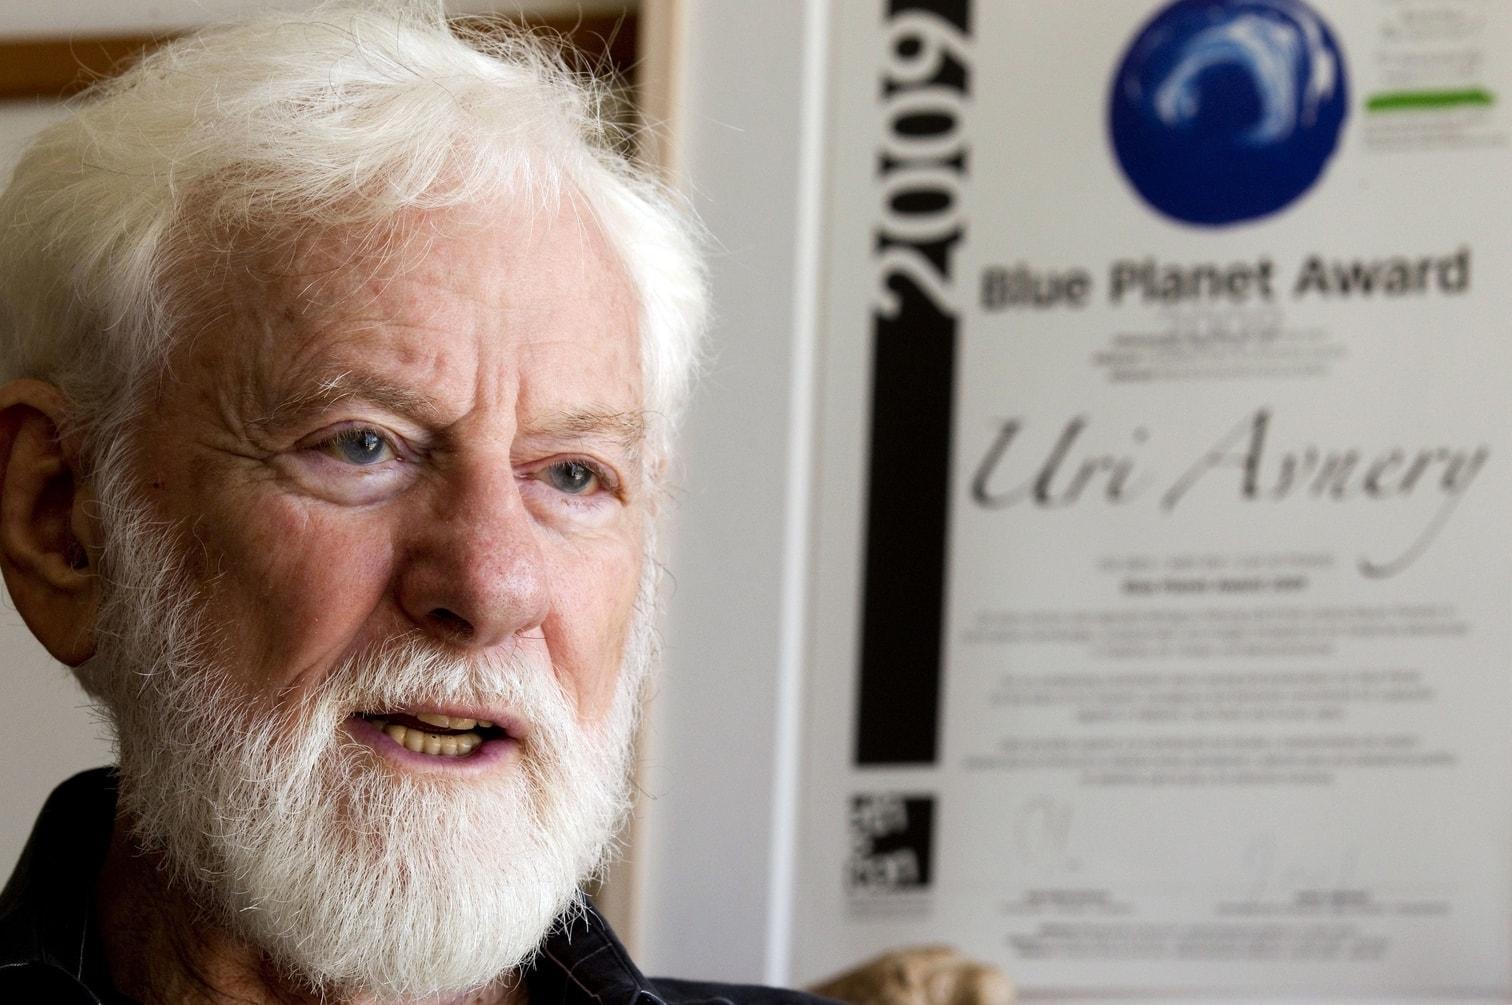 """<p>Er war als """"Malle-Jens"""" bekannt: <a href=""""https://www.tonight.de/news/promis/jens-buechner-ist-tot-tv-auswanderer-war-krank-und-wurde-49-jahre-alt.999717"""" rel=""""nofollow"""" target=""""_blank"""">Im Alter von 49 Jahren starb <strong>Jens Büchner</strong> am 17. November 2018 auf Mallorca.</a> <a href=""""https://www.tonight.de/news/promis/jens-buechner-ehefrau-daniela-spricht-ueber-die-letzten-stunden.999724"""" rel=""""nofollow"""" target=""""_blank"""">Er war an Lungenkrebs erkrankt.</a></p> Foto: dpa/Guido Kirchner"""